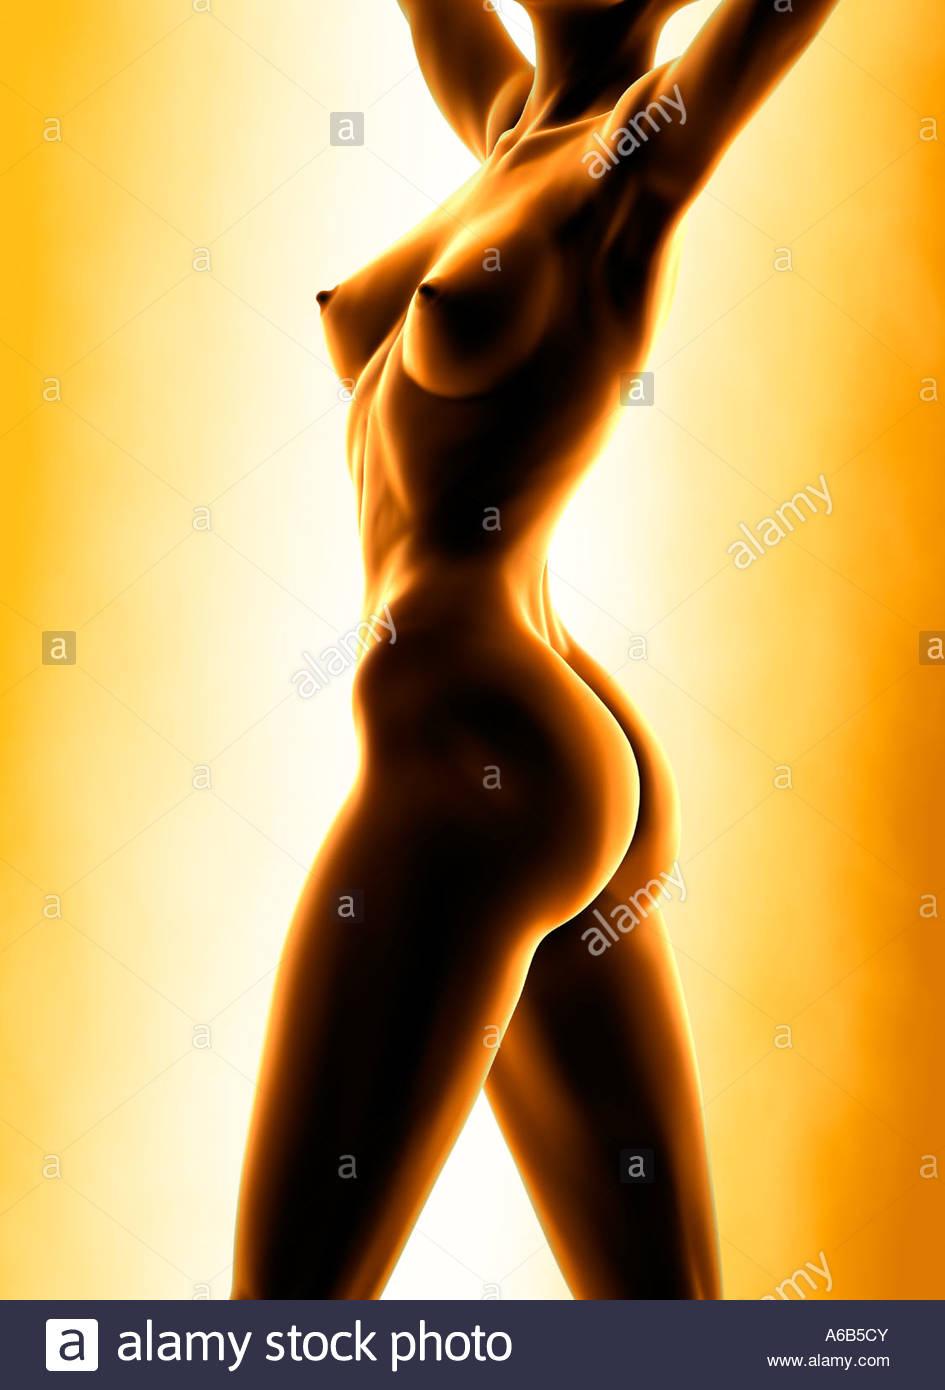 Nude female sex symbols